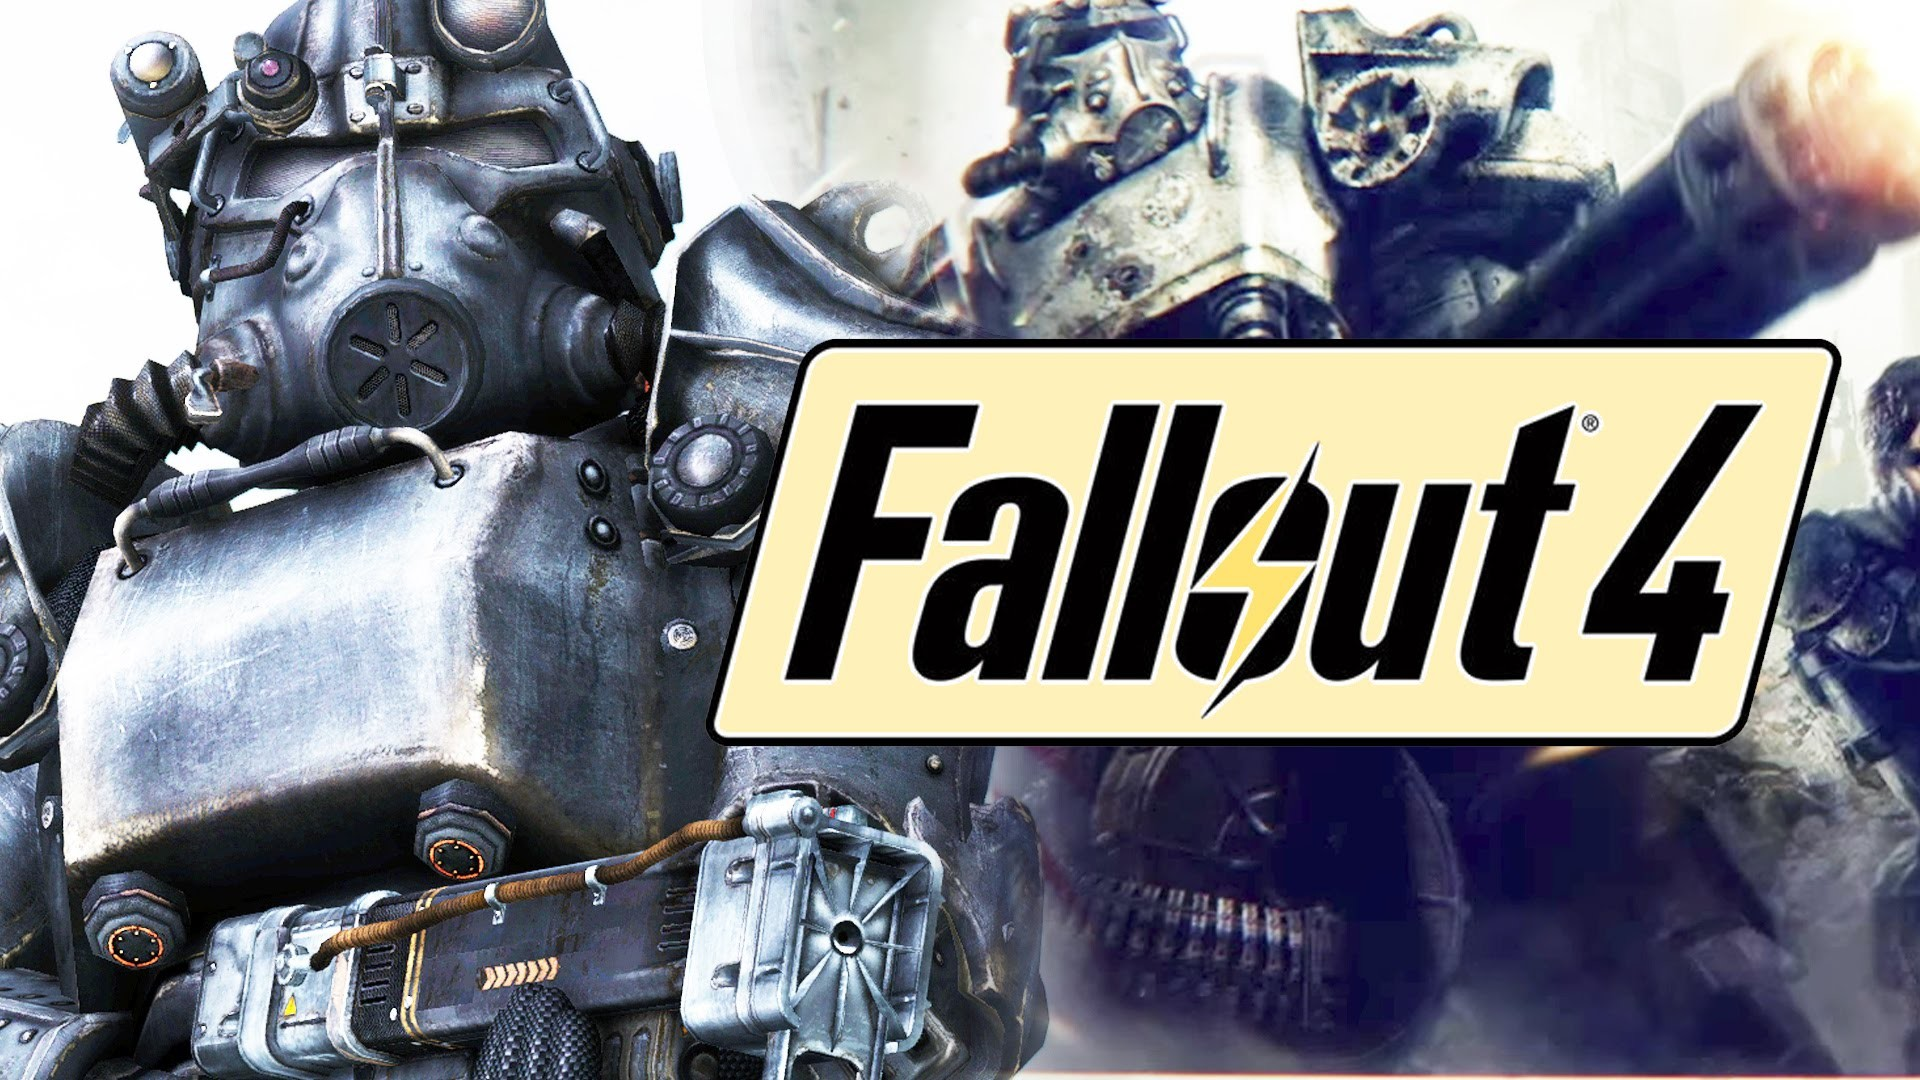 fallout 4 hd wallpaper – Google Search